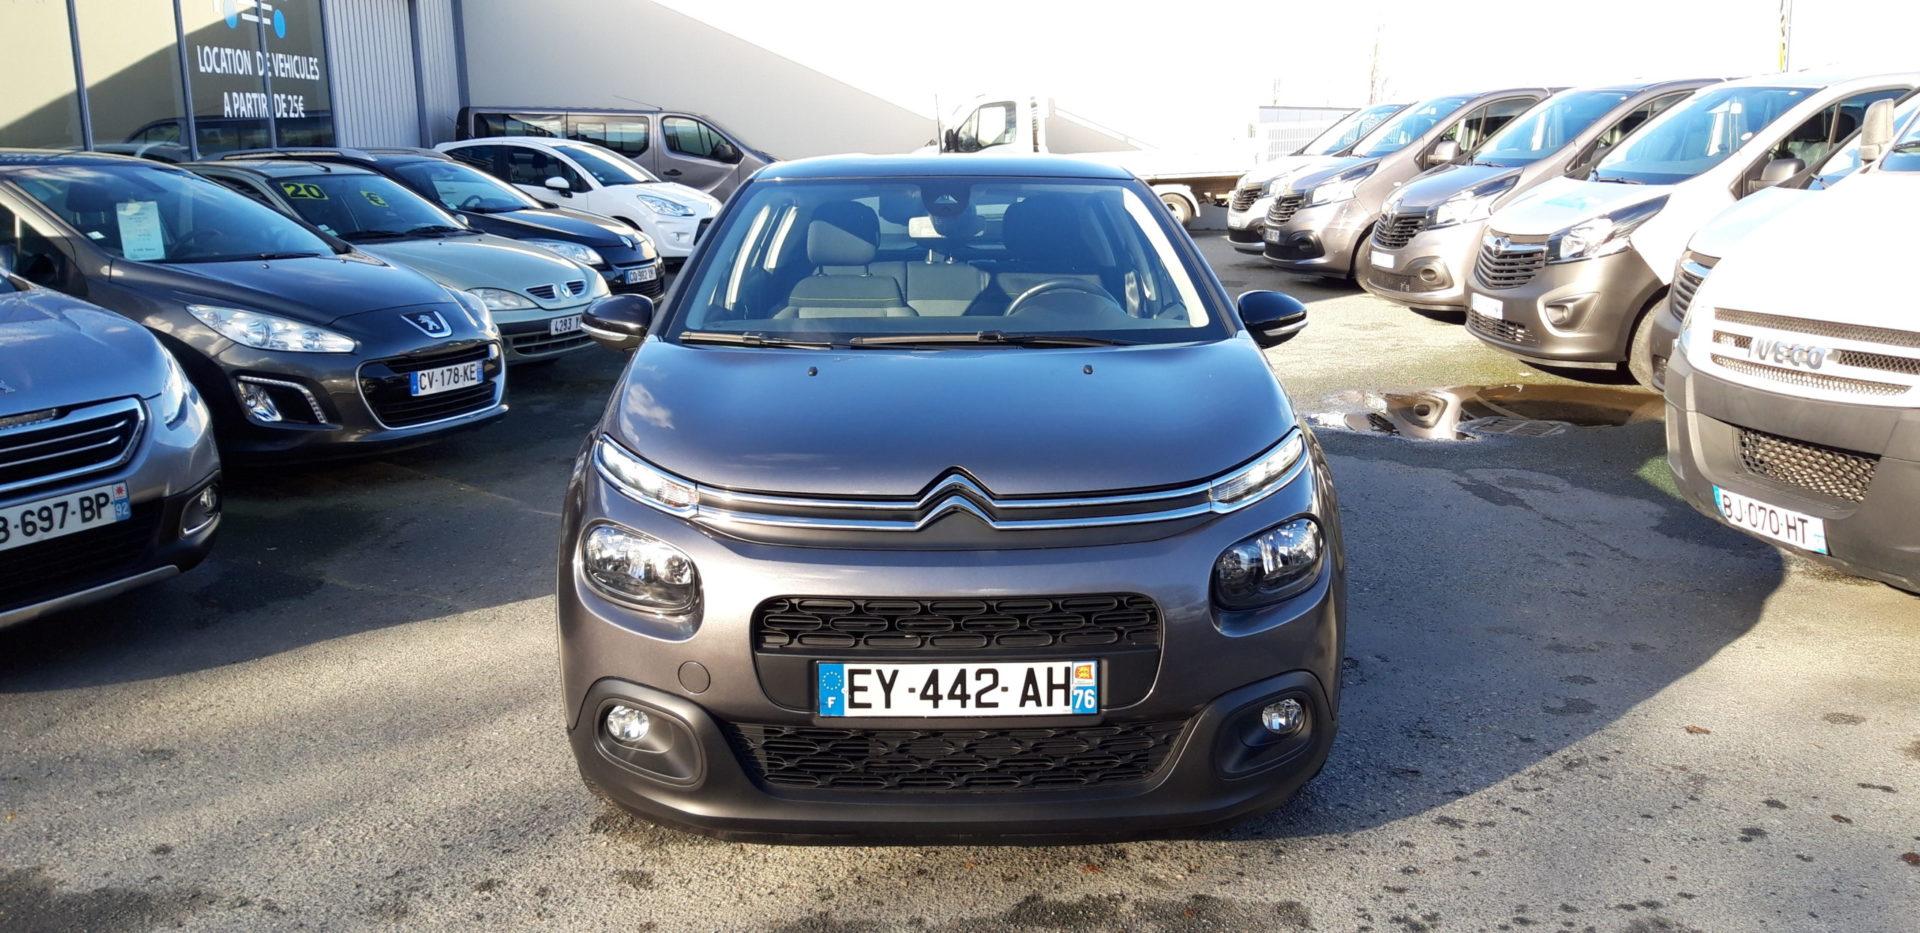 Garage Jallier Tharreau Garage Automobile Cholet Location Vehicule 9 Places 20201212 140412 1368